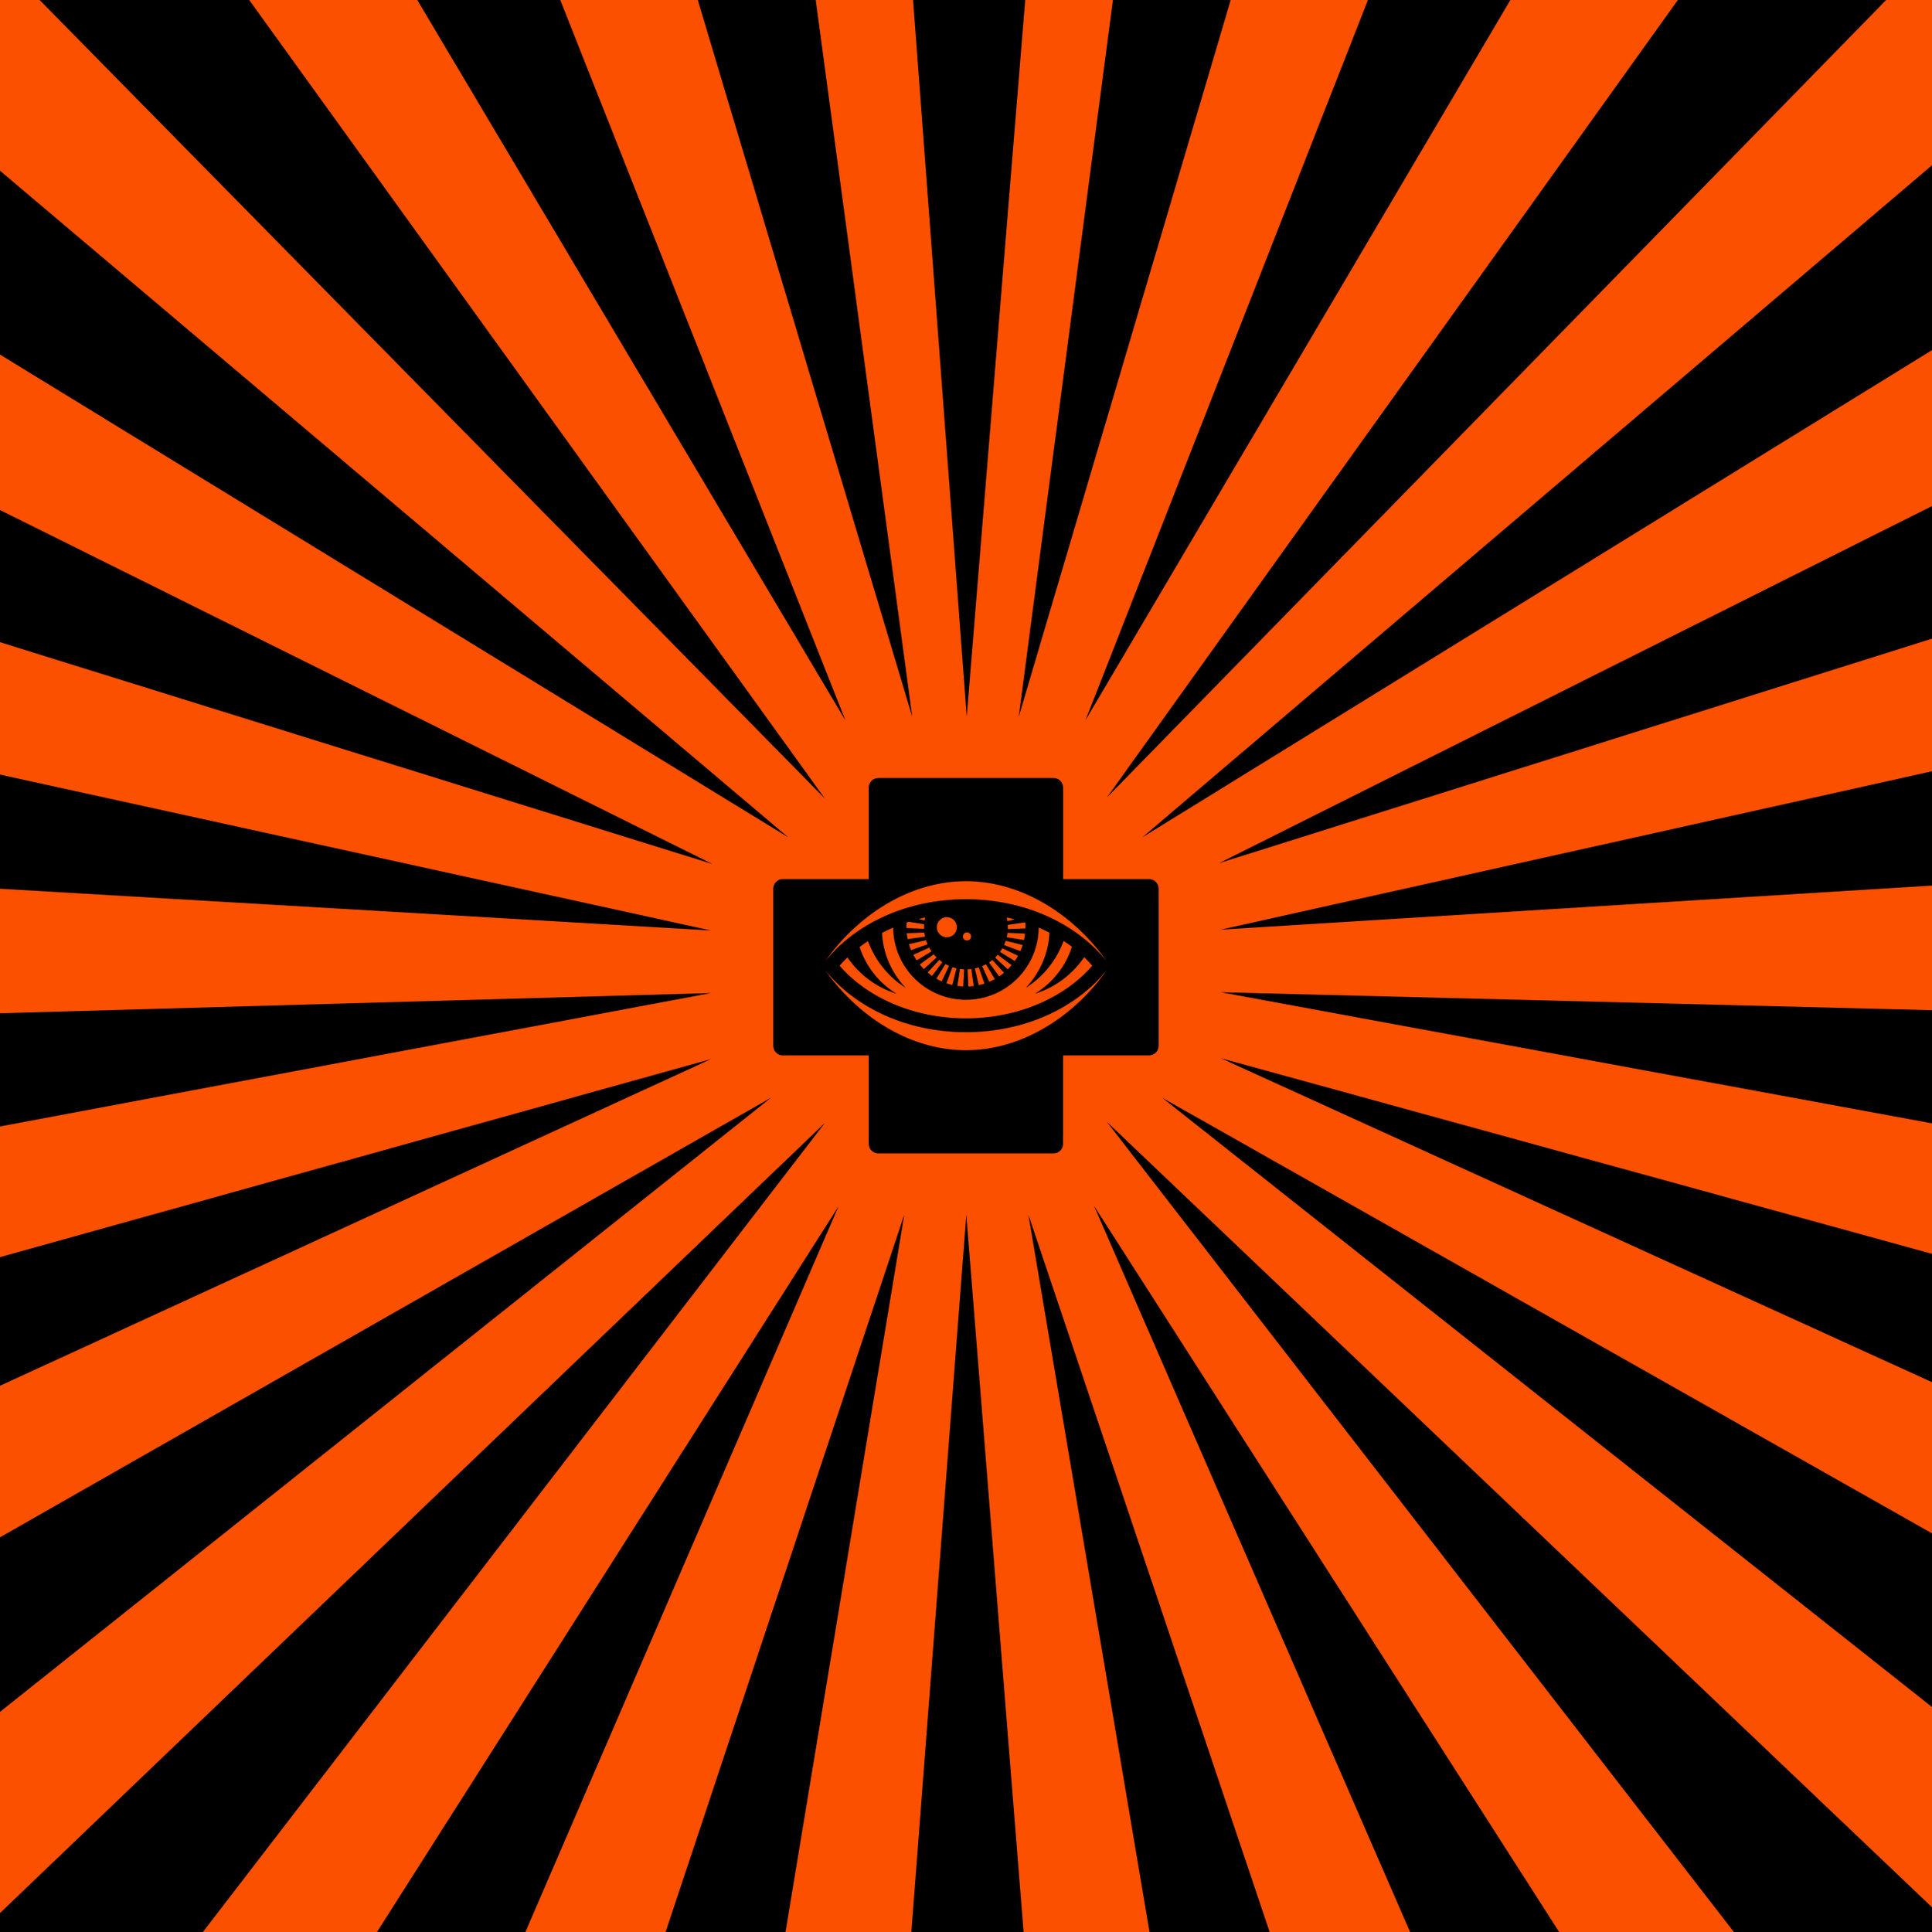 18-Spy-Eye-Orange-2542-2542.jpg